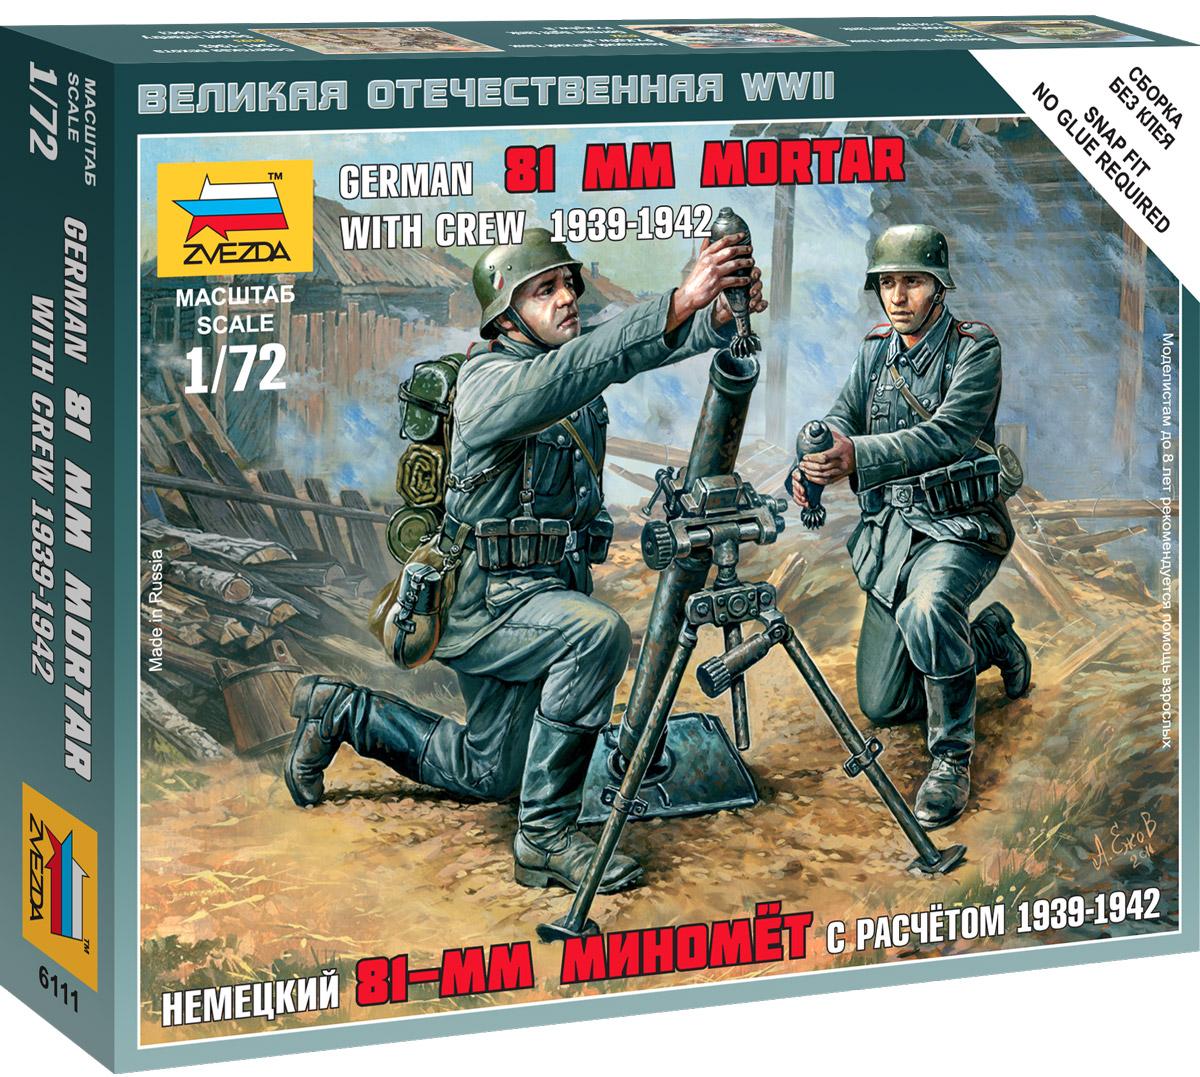 Звезда Сборная модель Немецкий 81-мм миномет с расчетом 1939-19426111В набор входят два 81мм миномета с расчетом из 4 солдат. Минометы собираются как отдельной моделью, для коллекционеров, так и на рельефной подставке вместе с расчетом для игроков. 81-мм миномет состоял на вооружении пехотных батальонов. В годы второй мировой войны 81-мм миномет зарекомендовал себя как надежное оружие поддержки для пехоты.